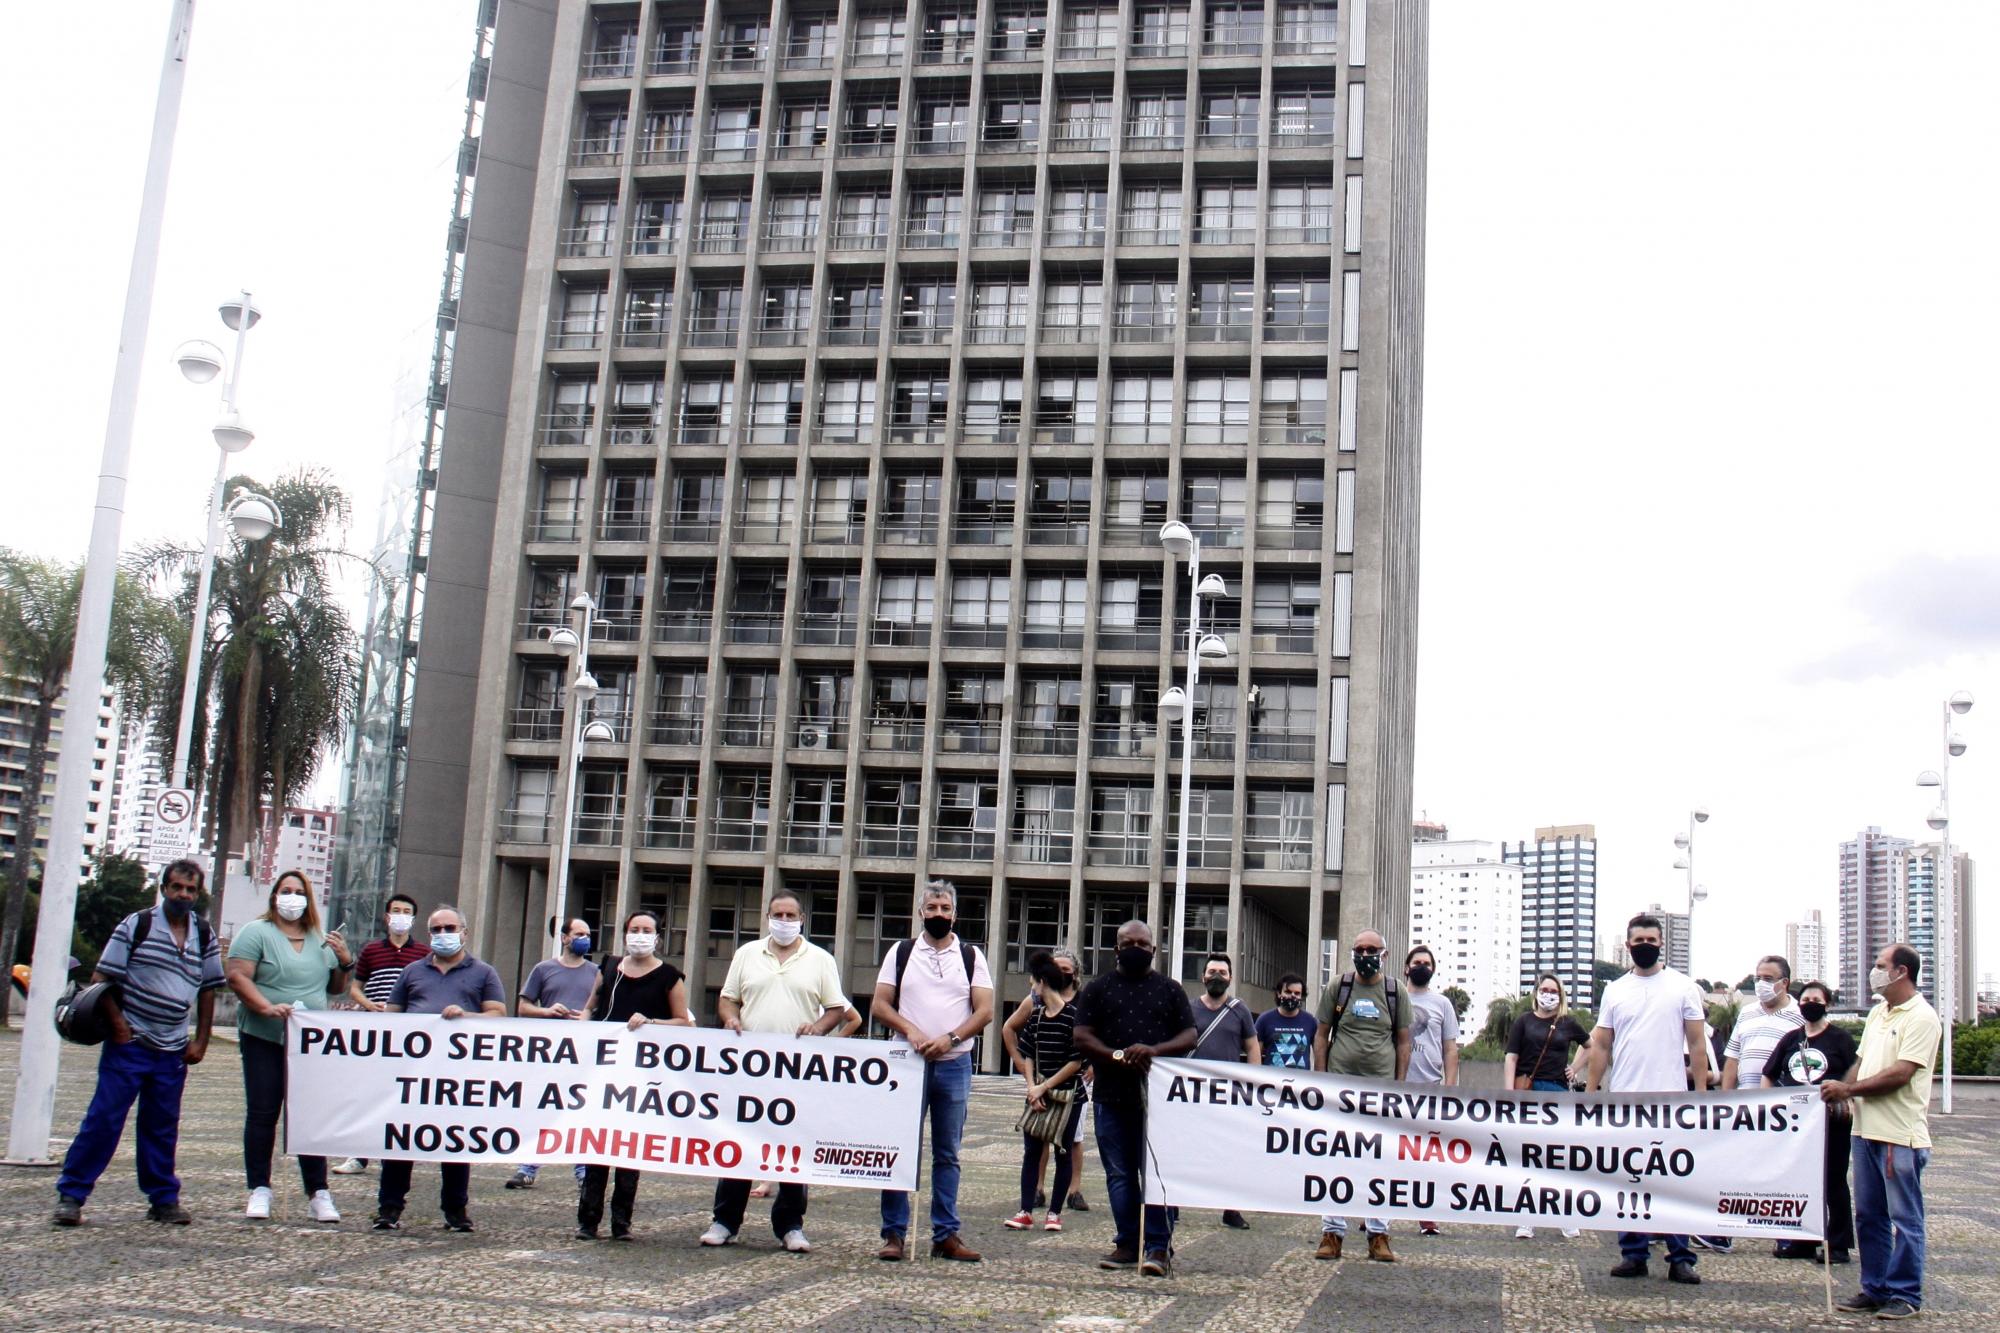 Imagem de Confisco nos salários: Sindserv Santo André ingressa com Ação Judicial contra Prefeitura